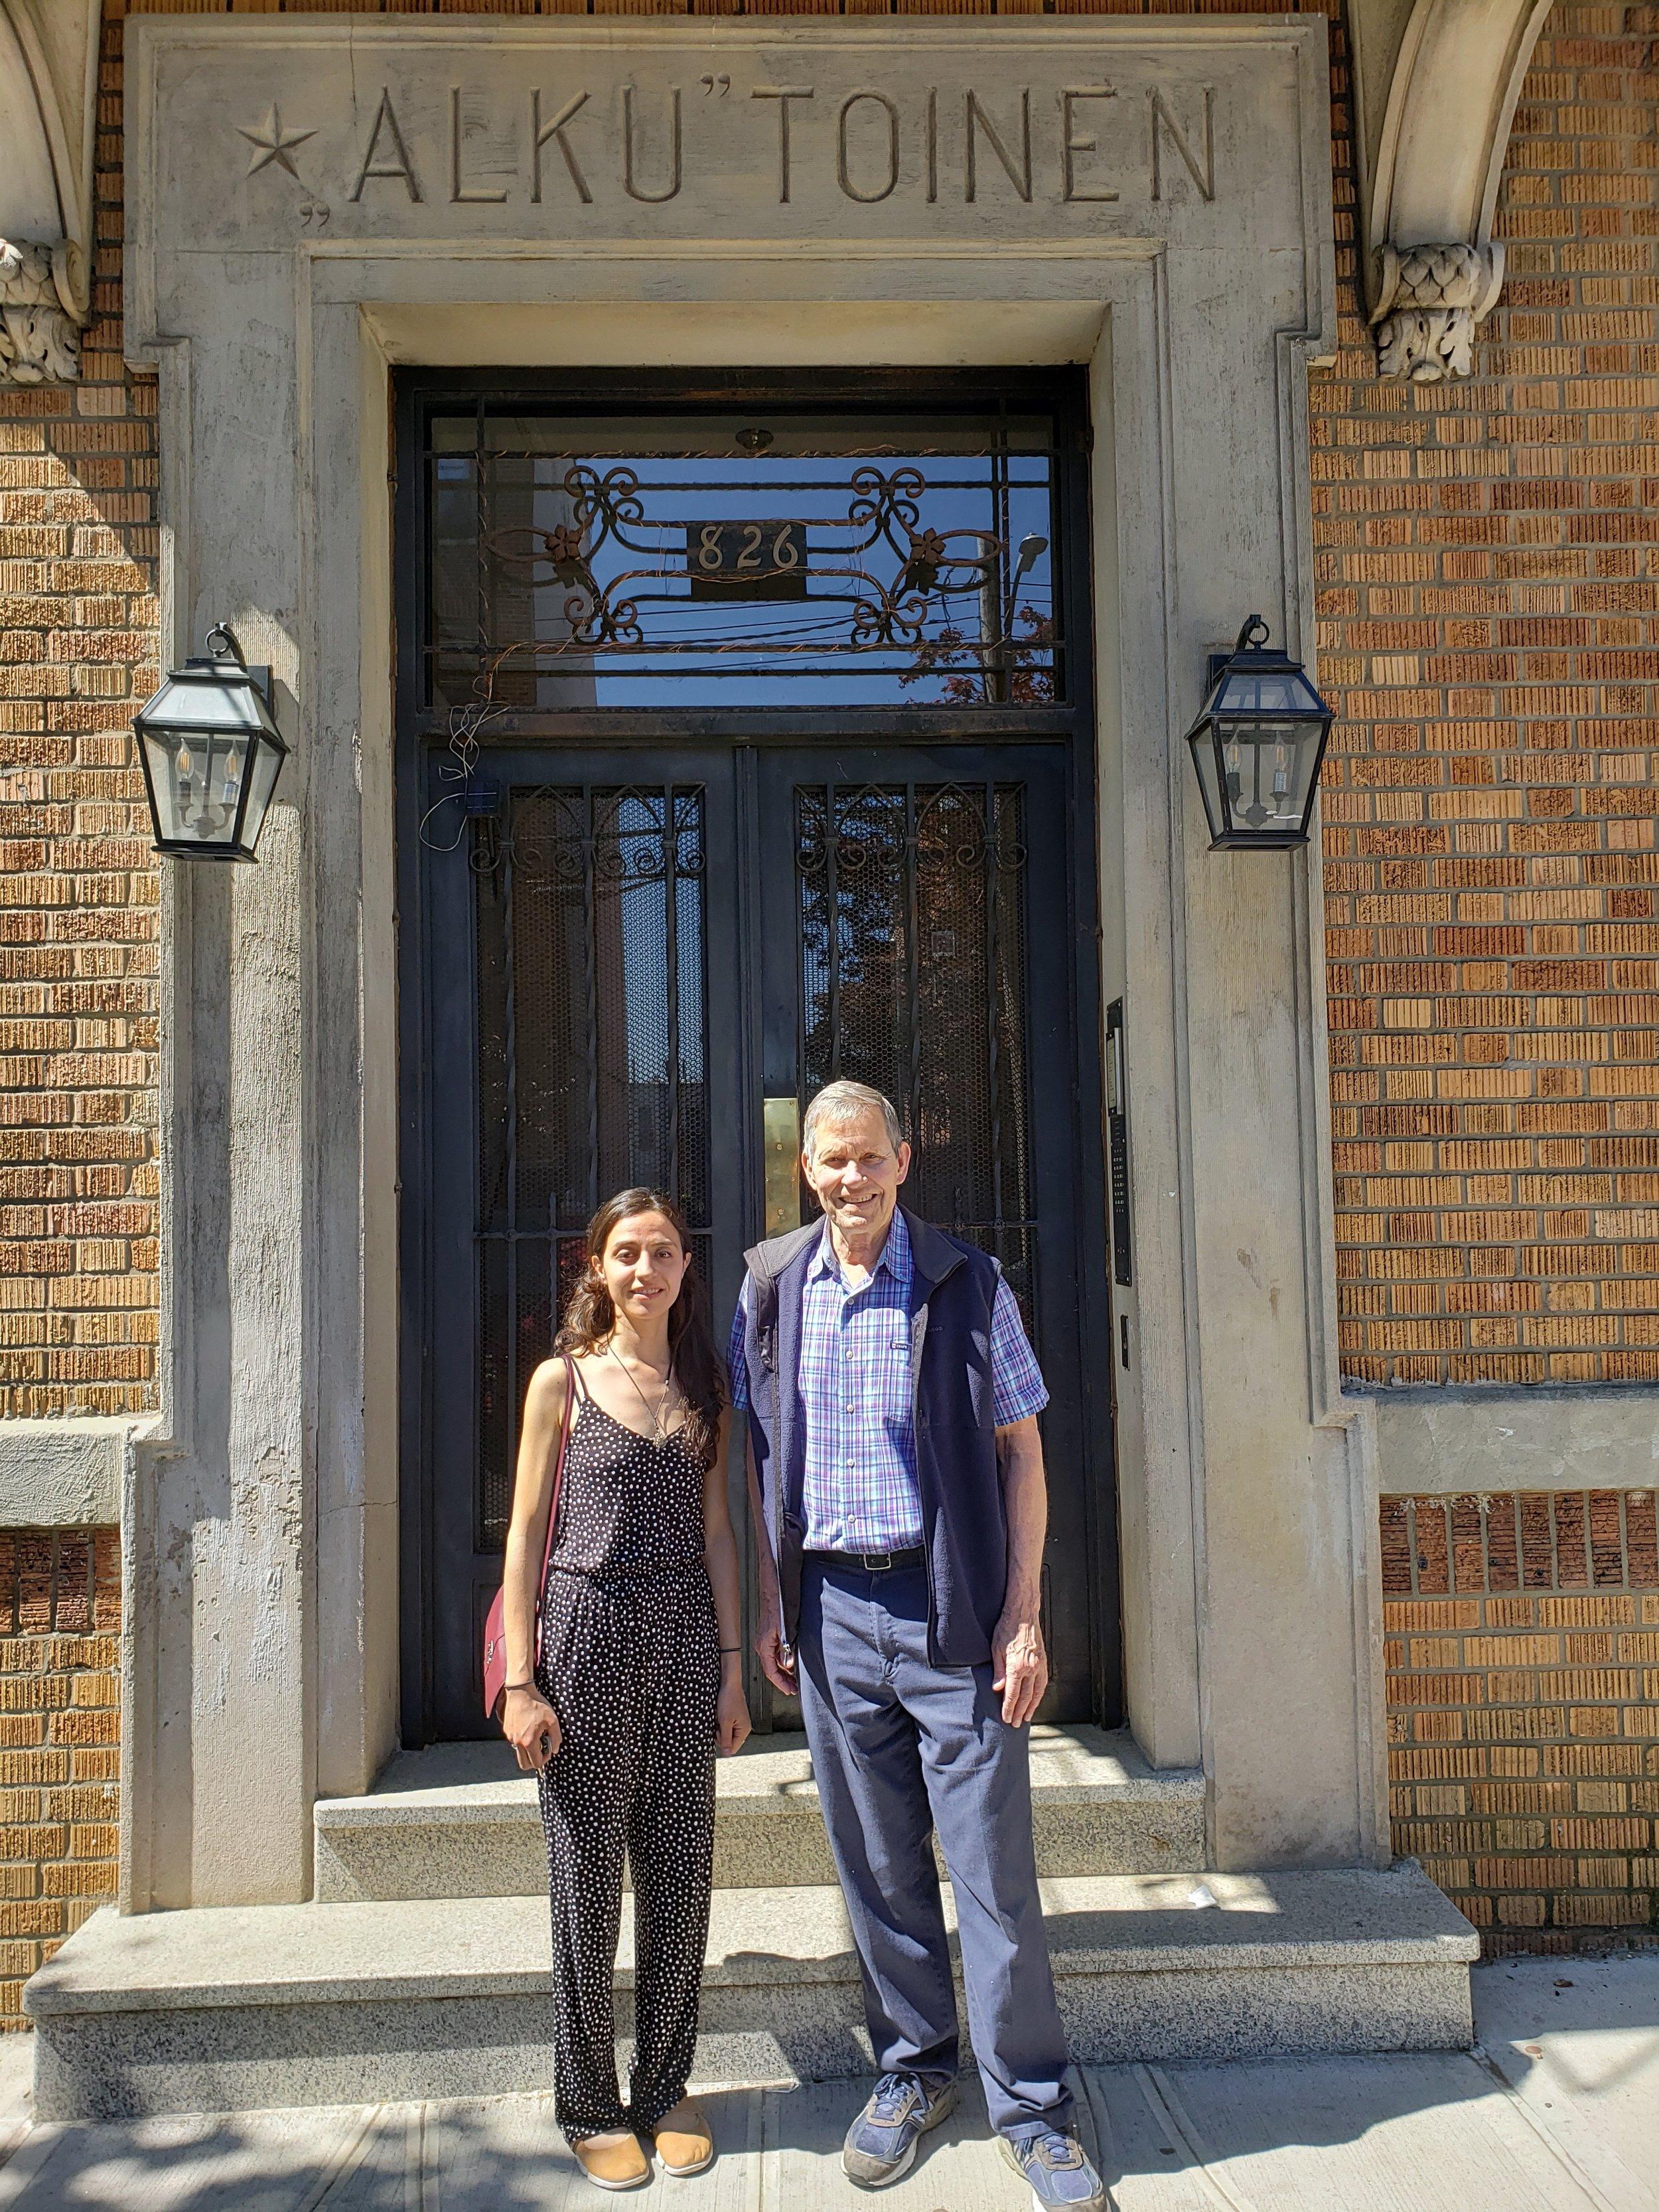 Valerie Landriscina and Robert Saasto